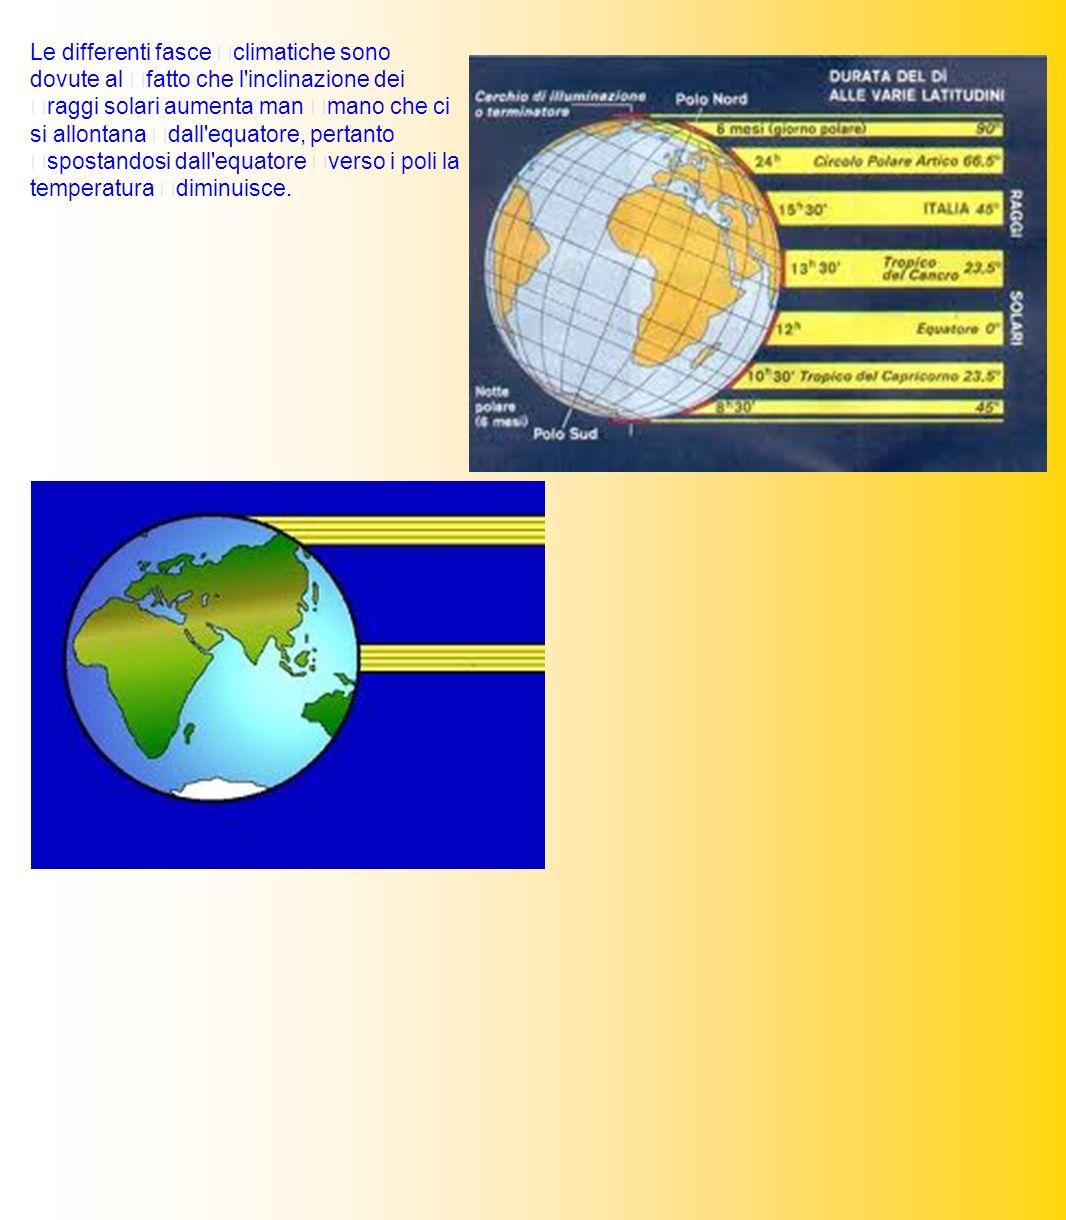 Le differenti fasce climatiche sono dovute al fatto che l'inclinazione dei raggi solari aumenta man mano che ci si allontana dall'equatore, pertanto s